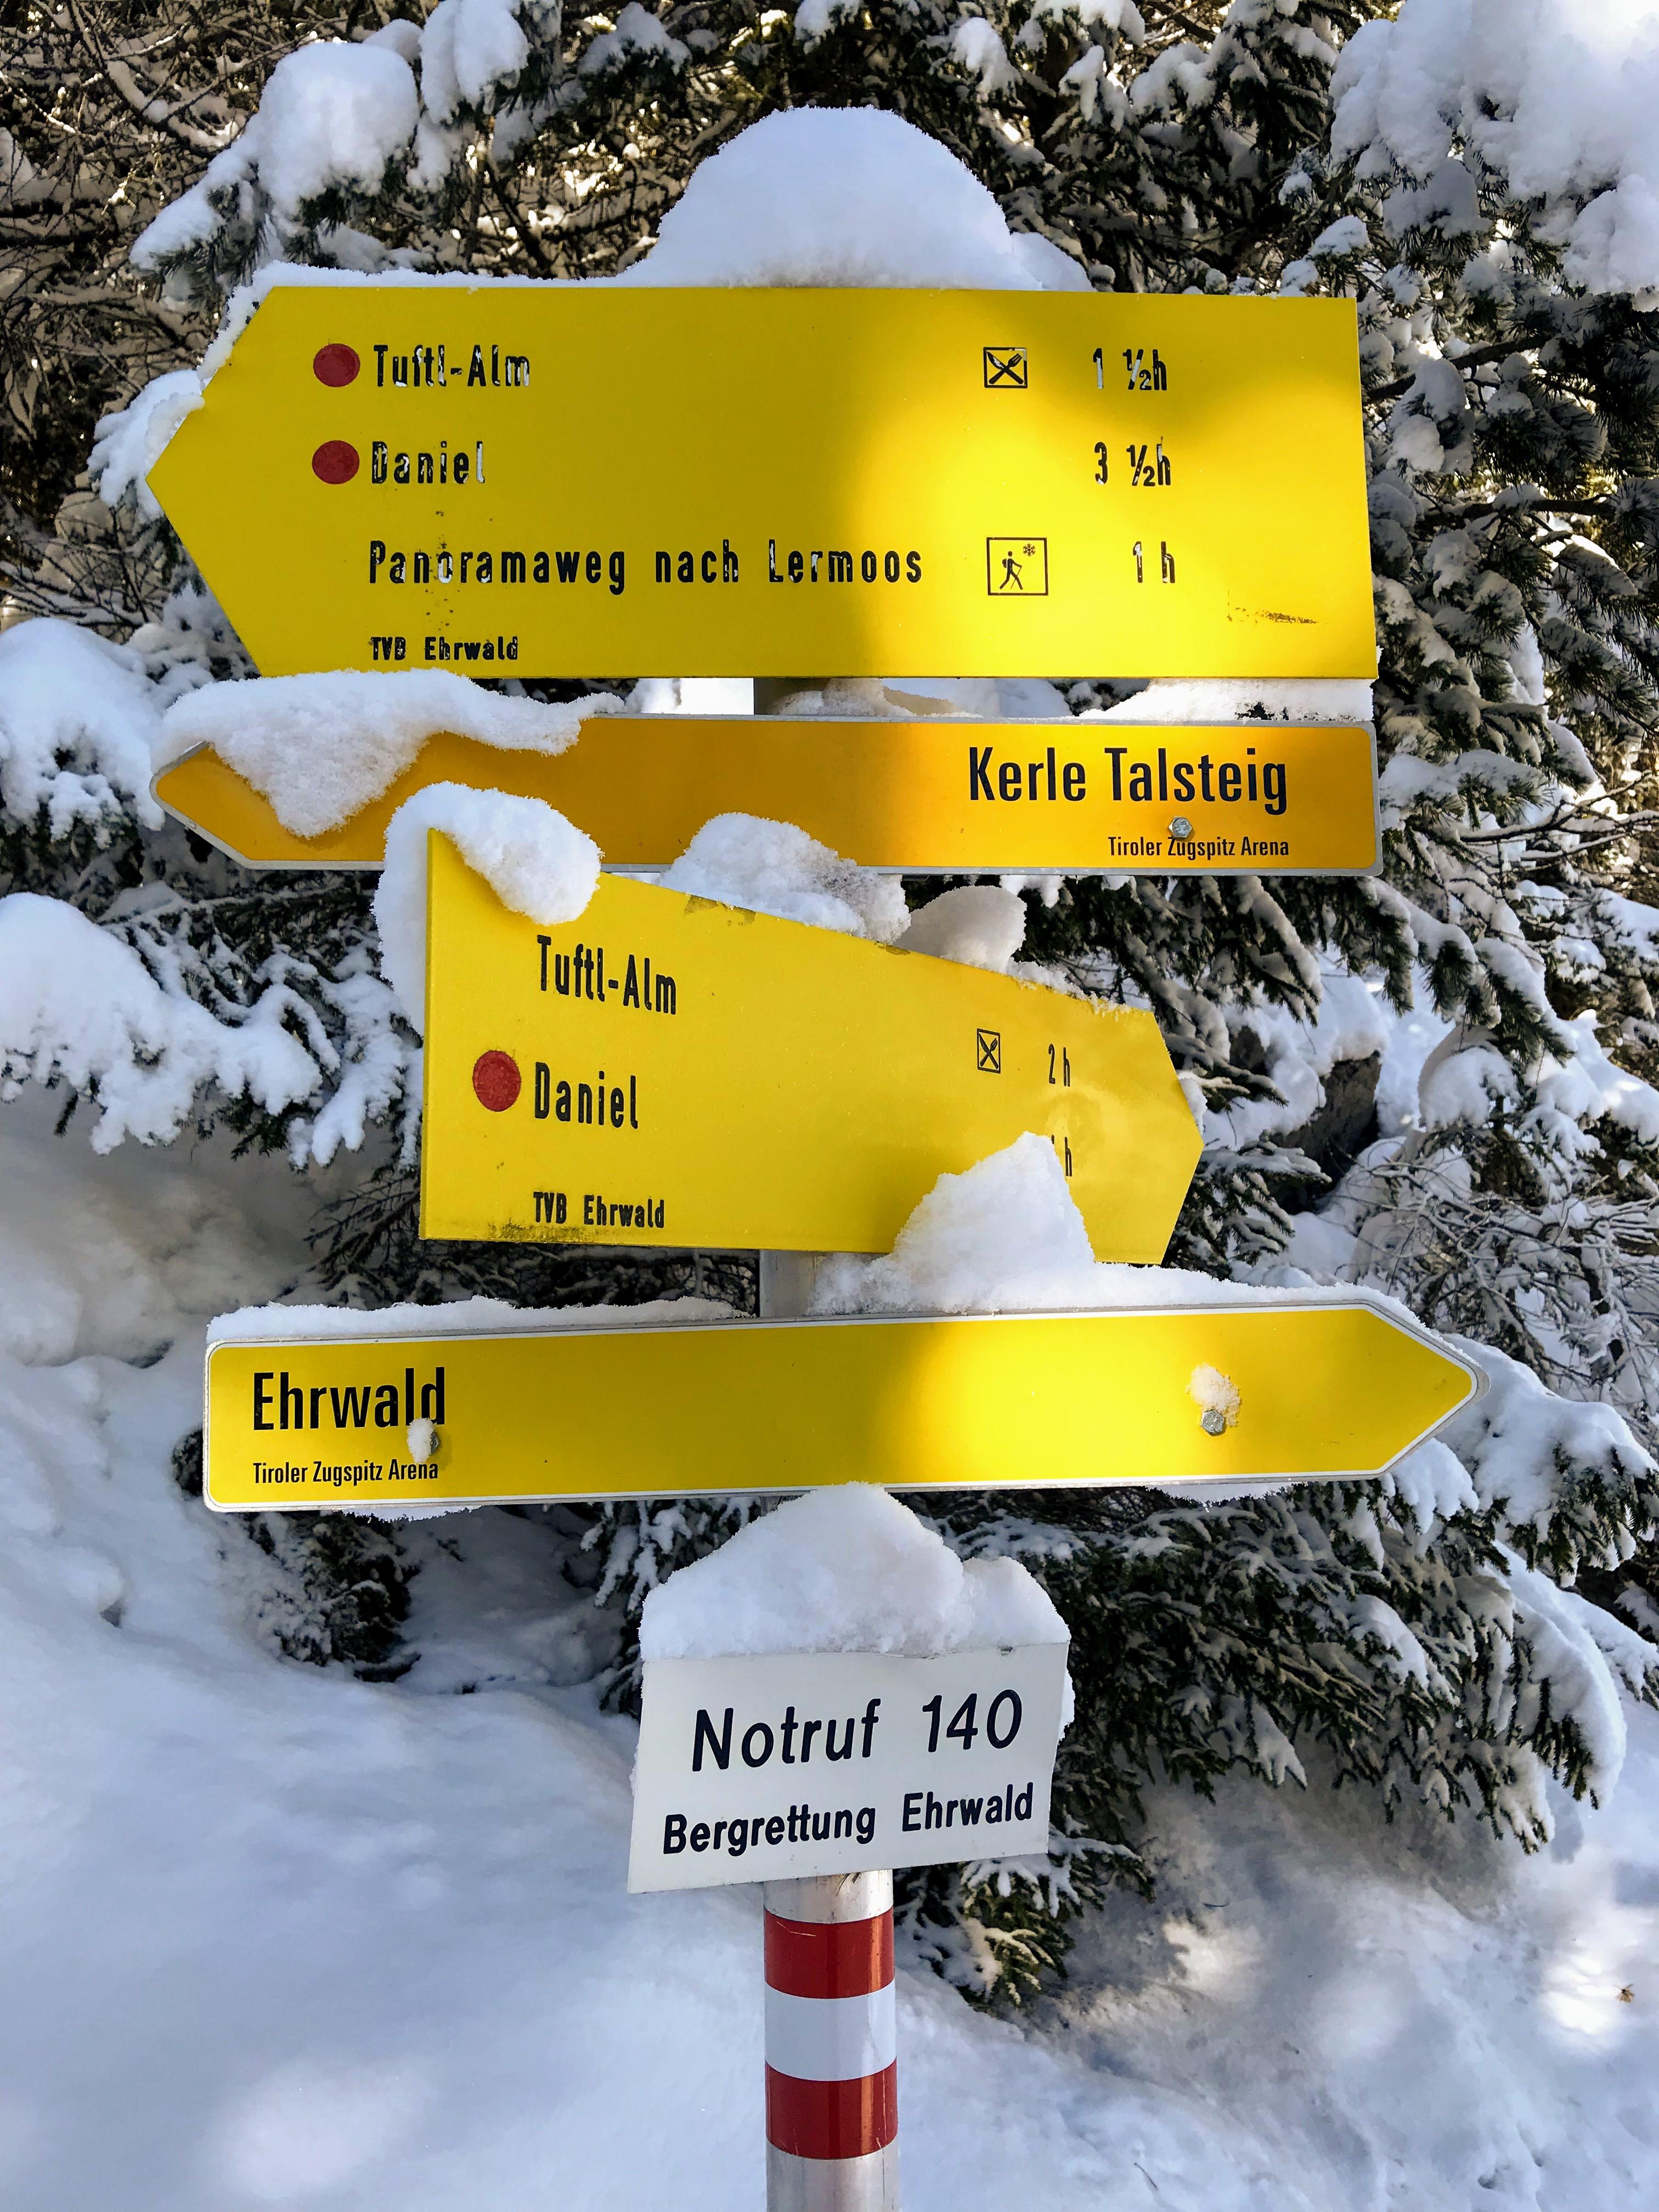 Winterwandelingen in de Zugspitzarena